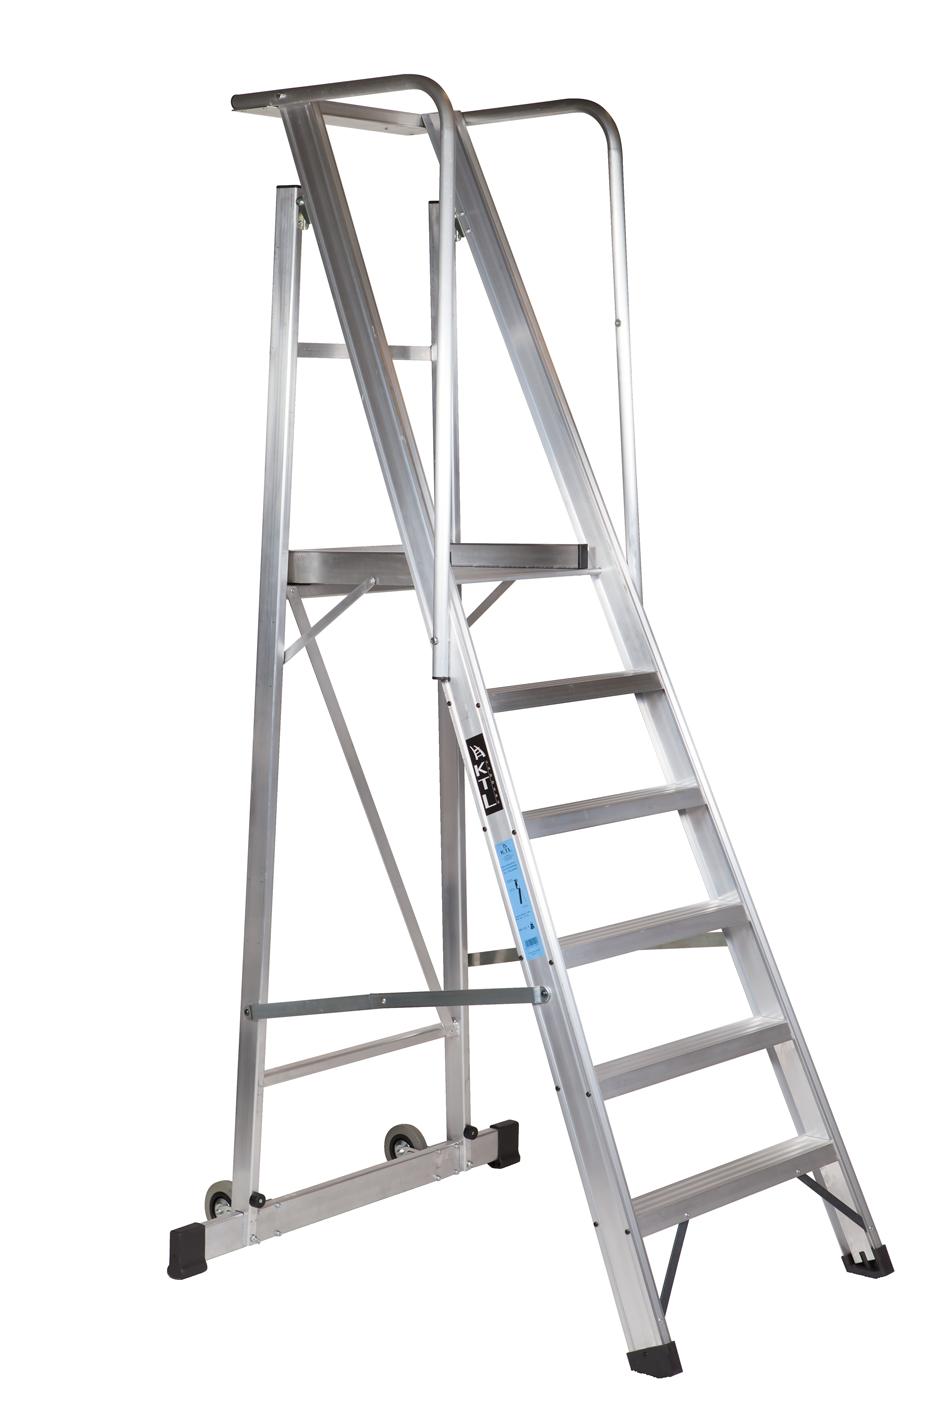 nueva escalera de almacén plegable 2XL nueva escalera de almacén plegable 2xl Nueva escalera de almacén plegable 2XL 3 nueva escalera de almacen plegable 2xl